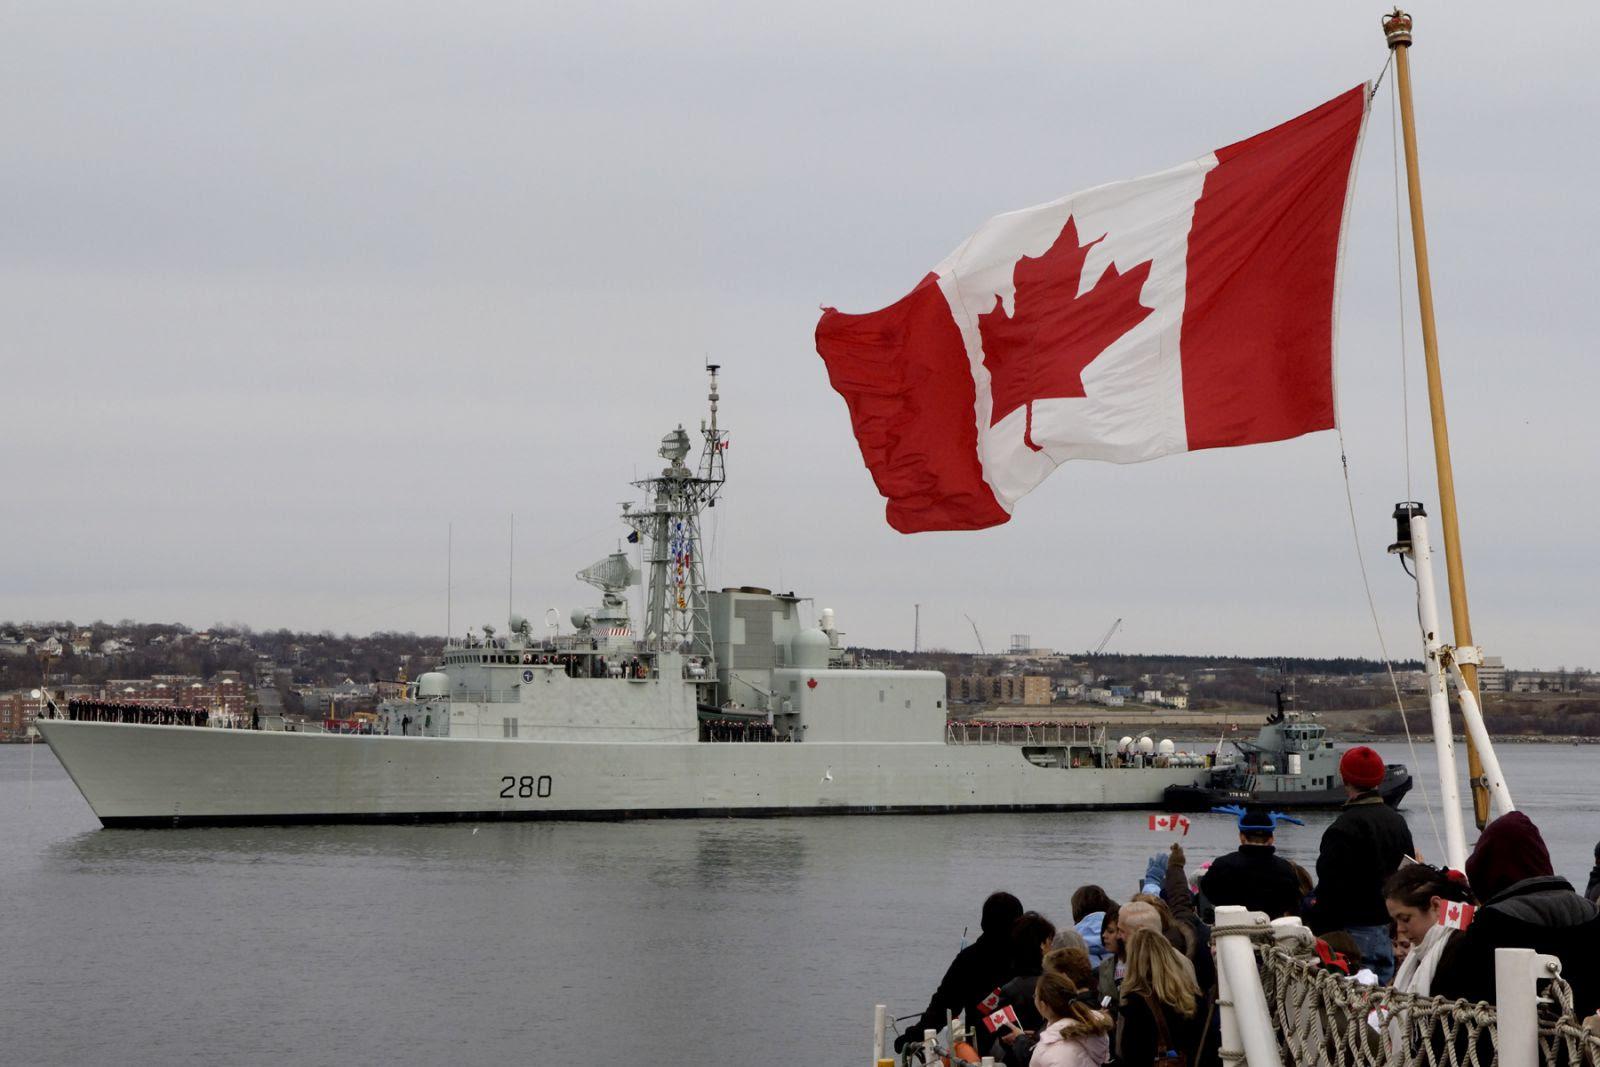 HMCS Iroquois takes leadership of Operation Apollo